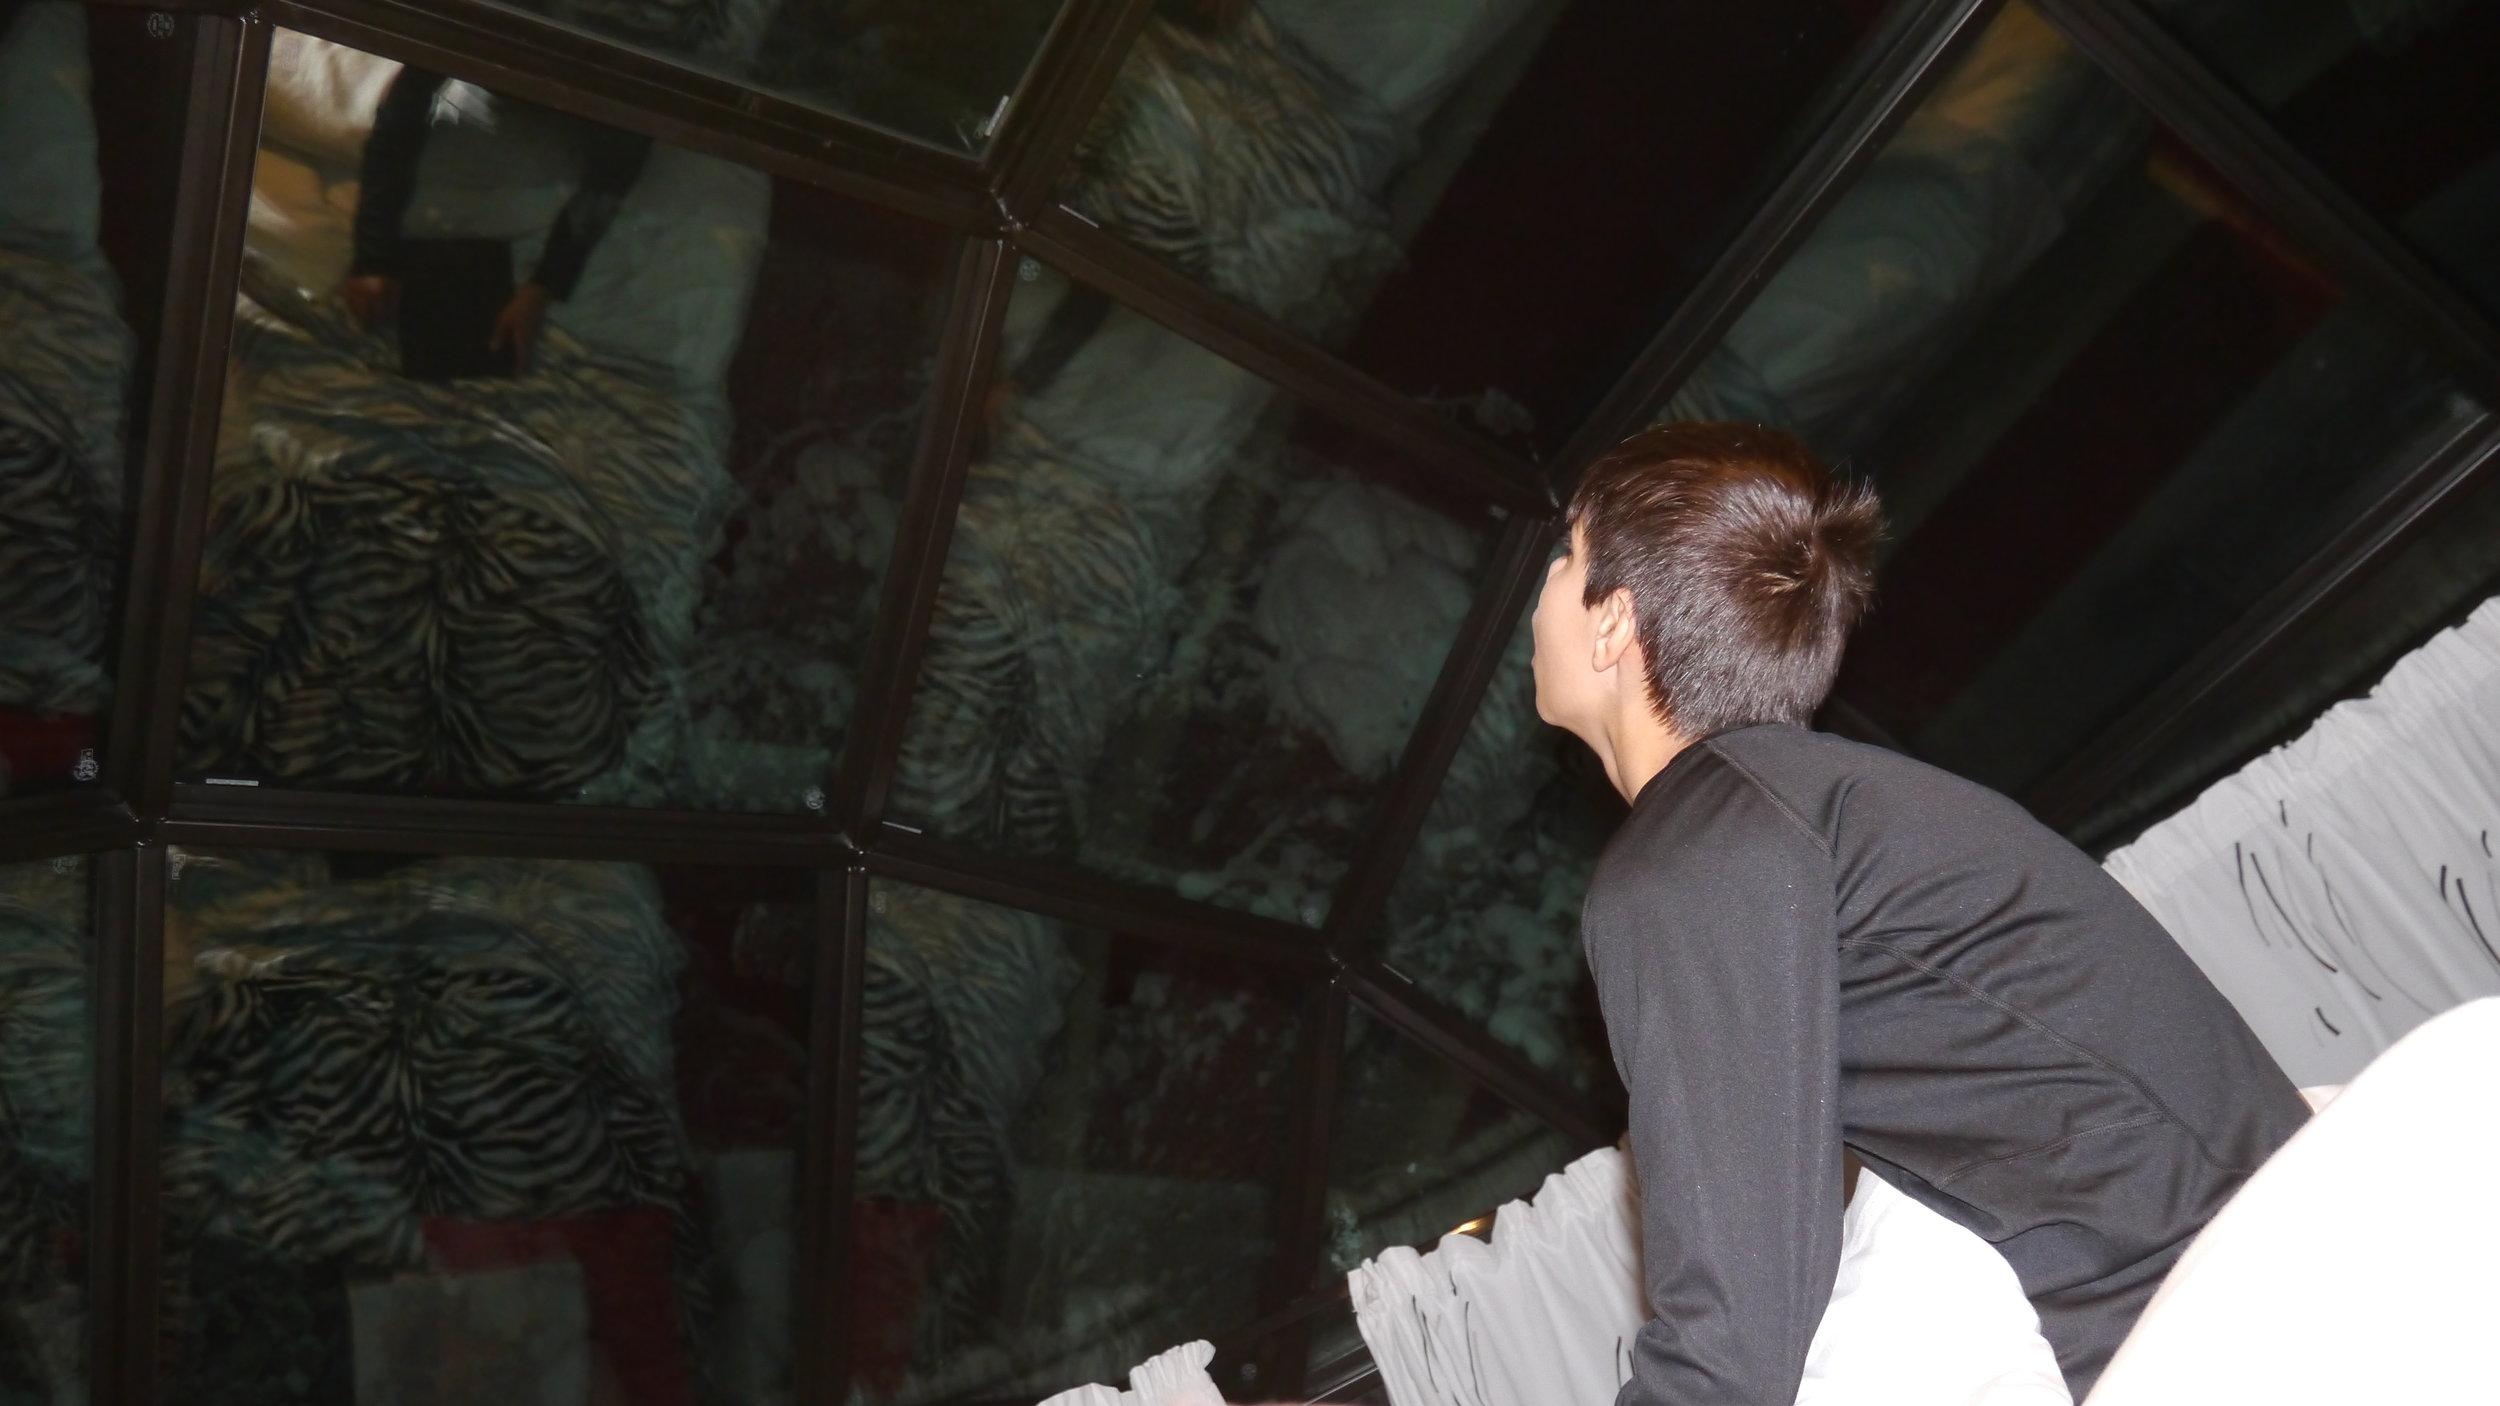 12-24-14 Aidan looks on roof copy.JPG